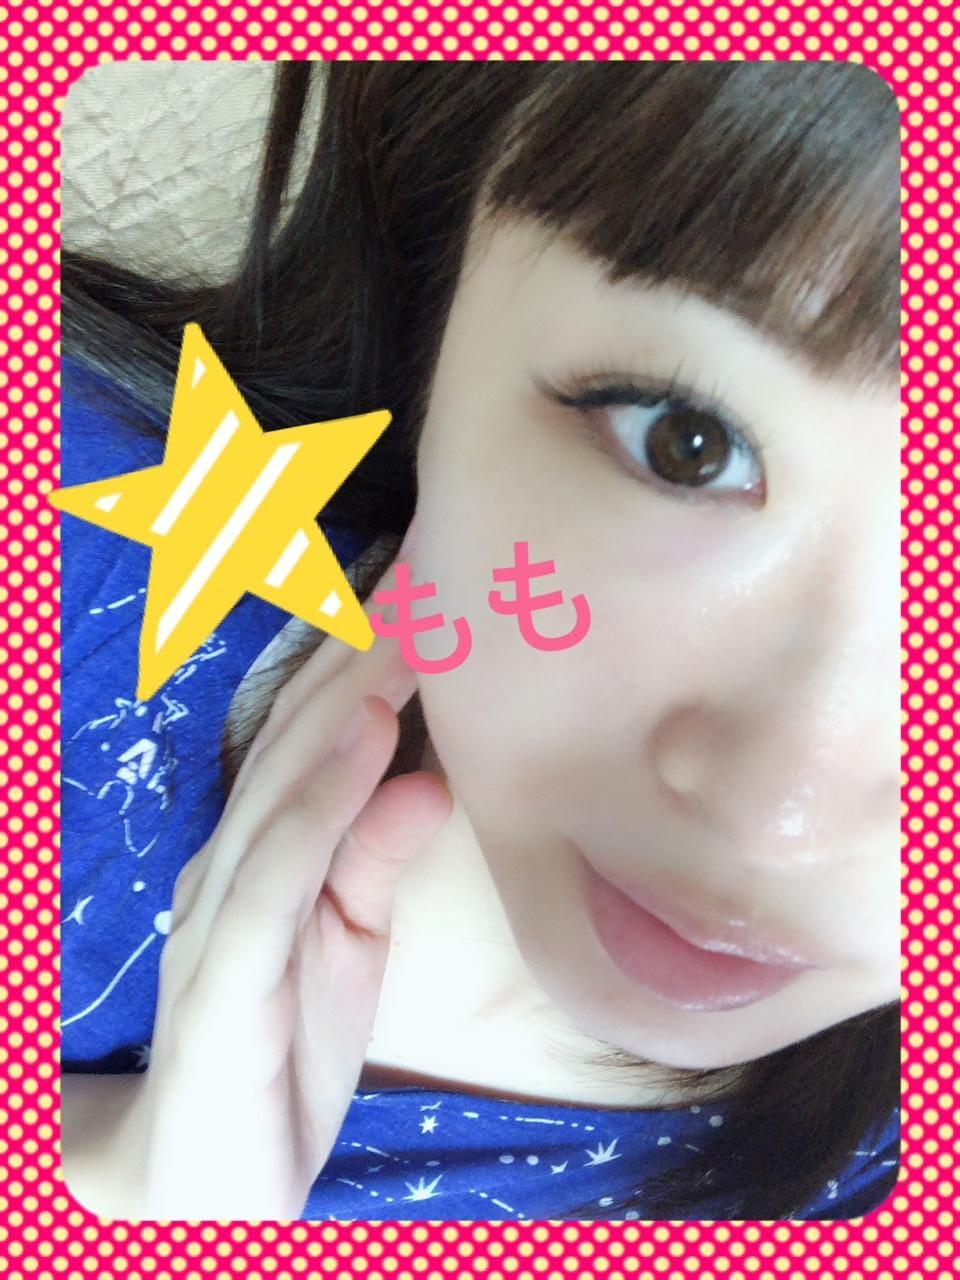 「鍼」08/19(08/19) 15:20 | ももの写メ・風俗動画